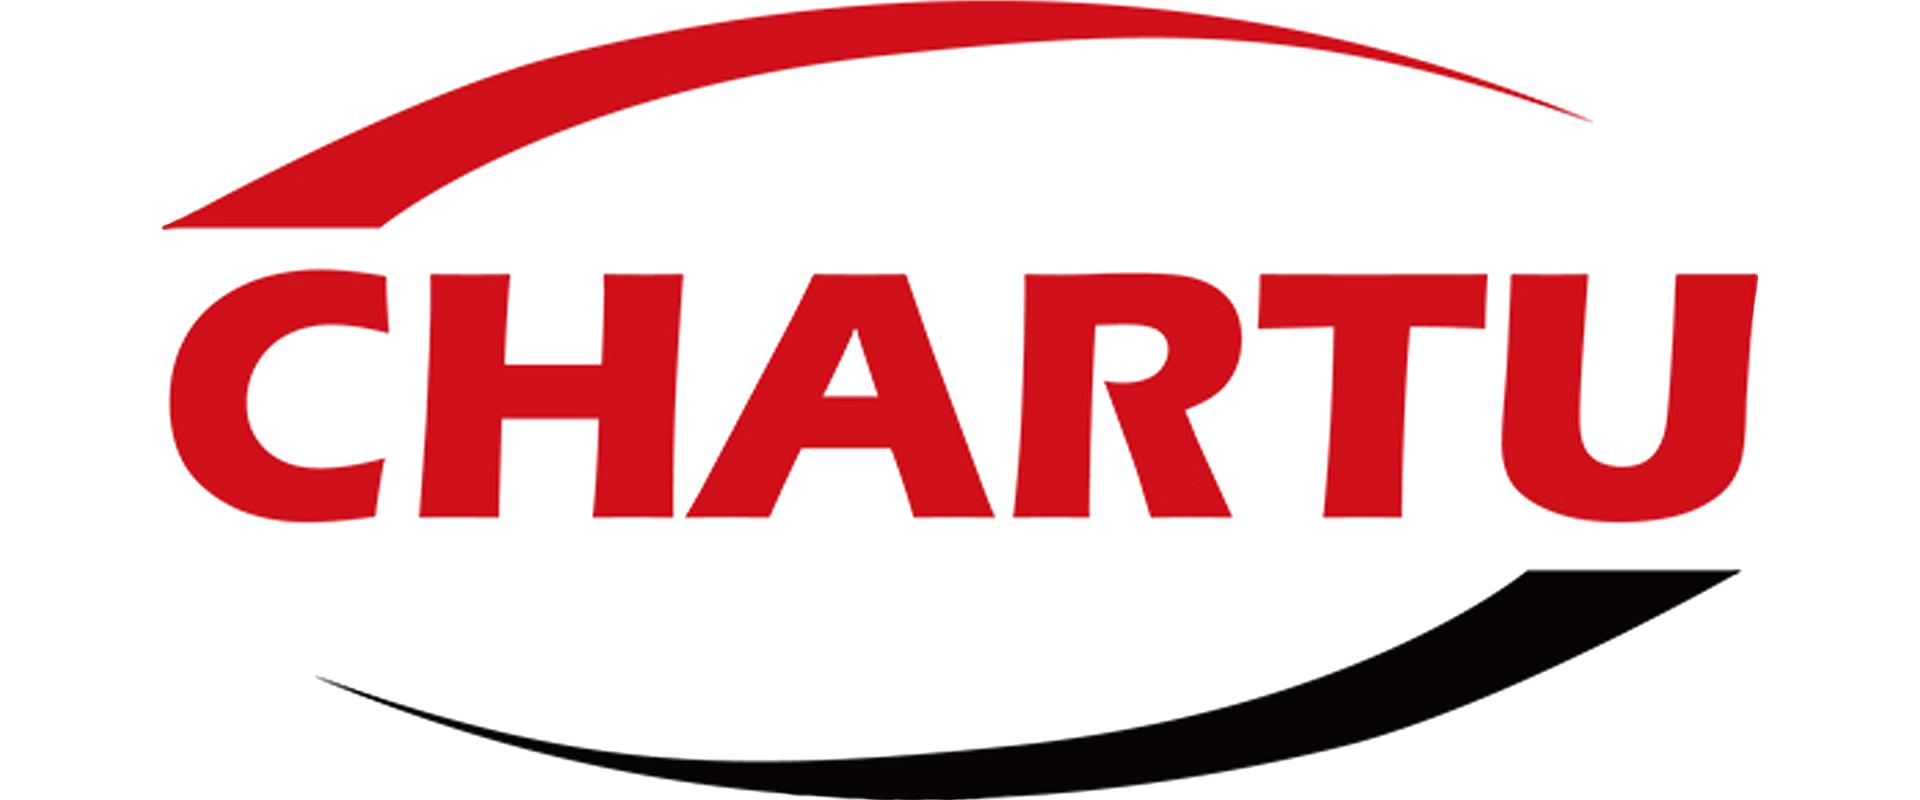 广州长图量传电子科技有限公司(长图CHARTU)概况——长图CHARTU产品品牌商标LOGO标志